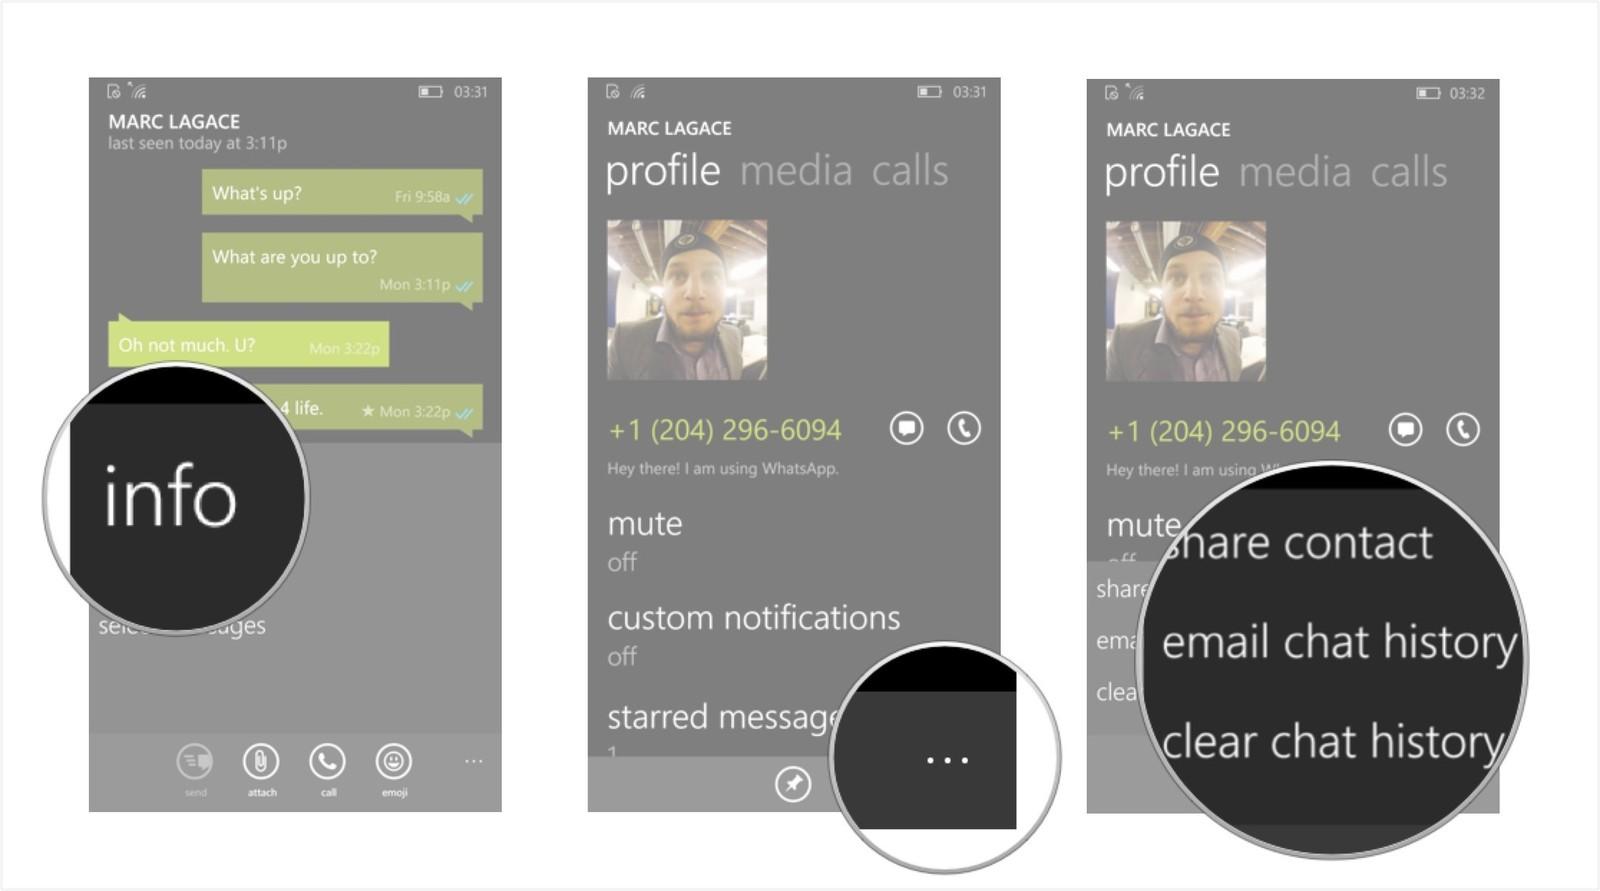 Как сохранить переписку и создать резервную копию в WhatsApp – экспорт сообщений (2)